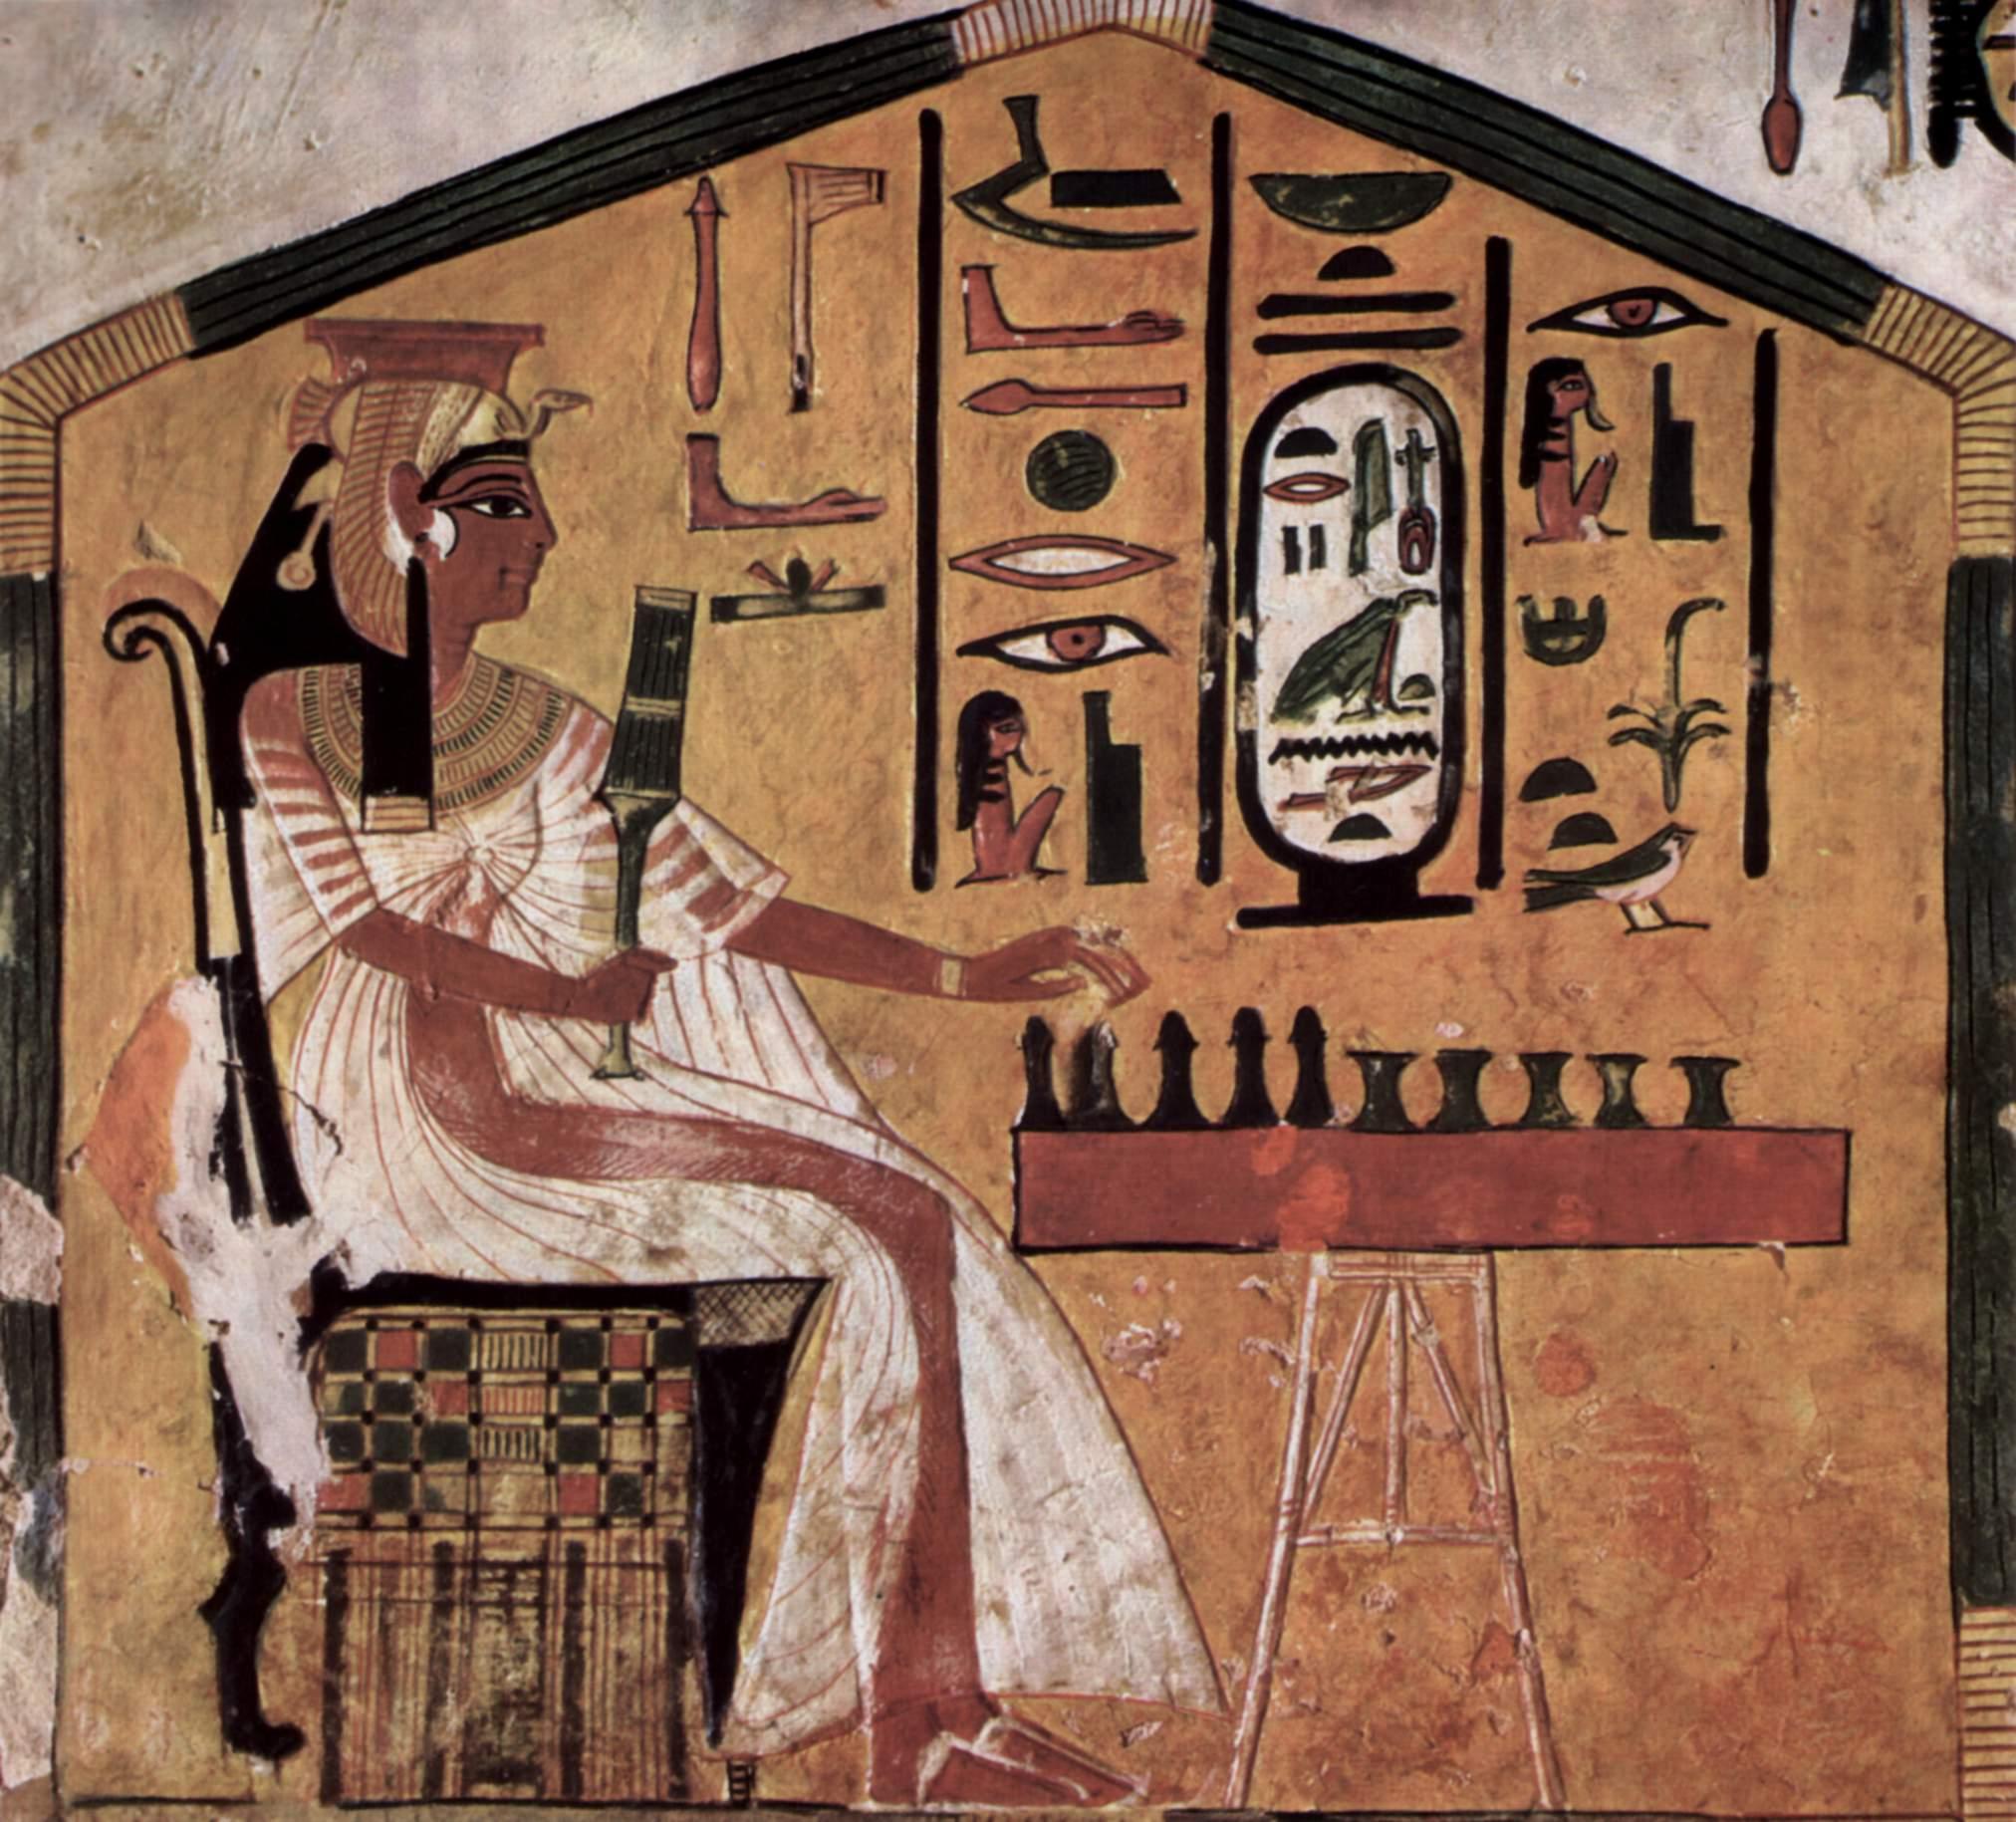 https://i0.wp.com/upload.wikimedia.org/wikipedia/commons/b/b4/Maler_der_Grabkammer_der_Nefertari_003.jpg